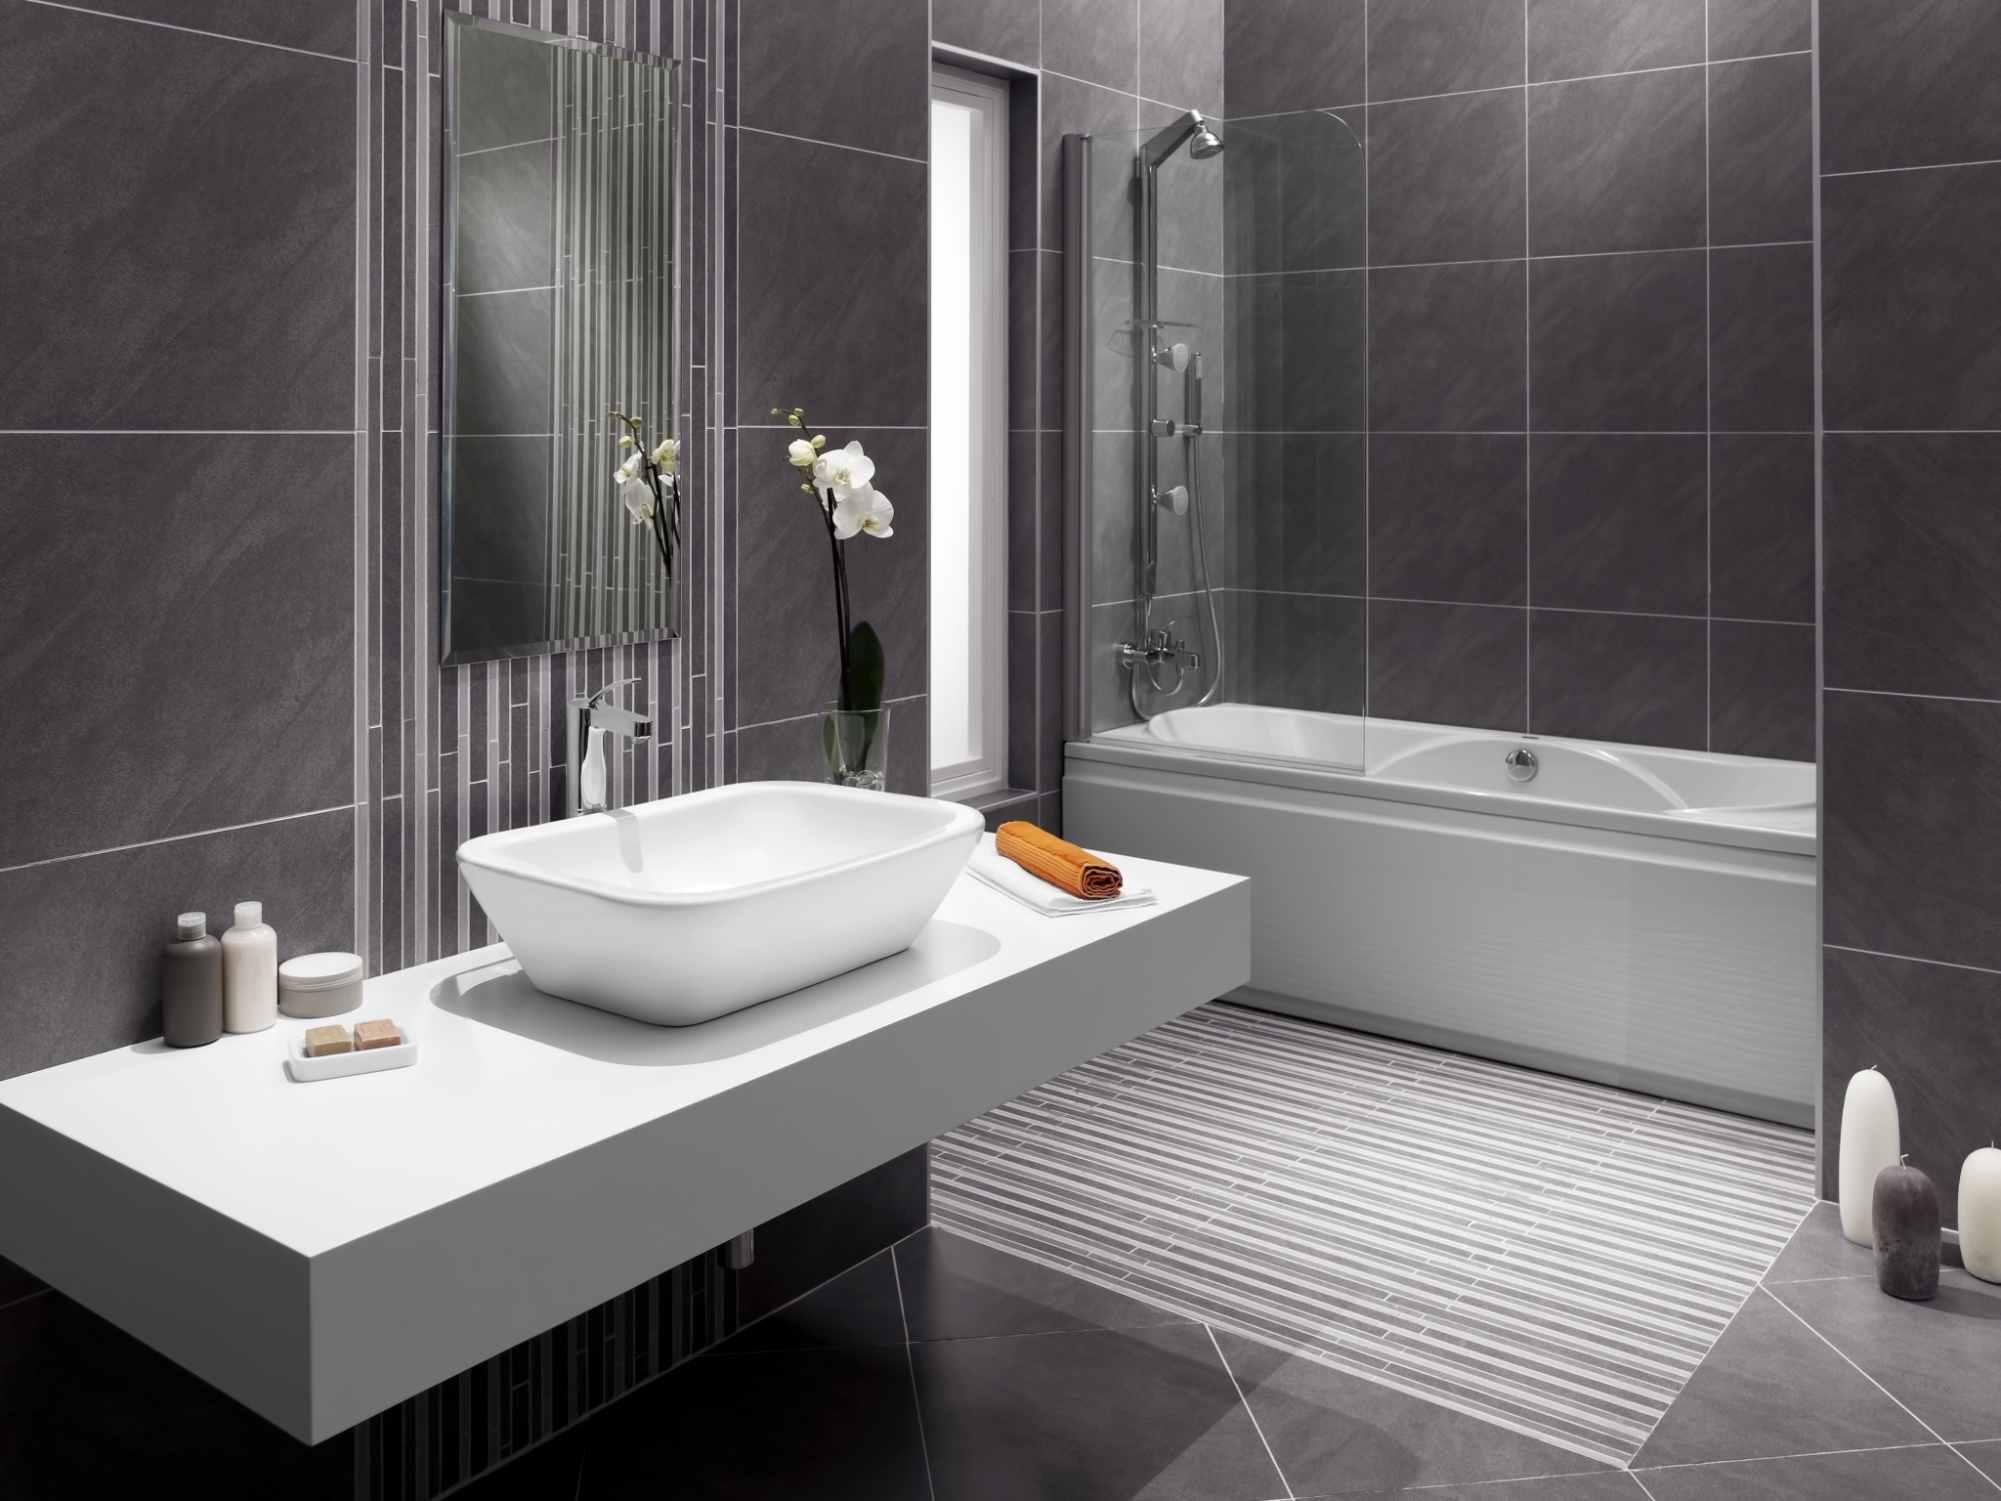 Encimera de baño blanca en voladizo en el baño moderno 171574904